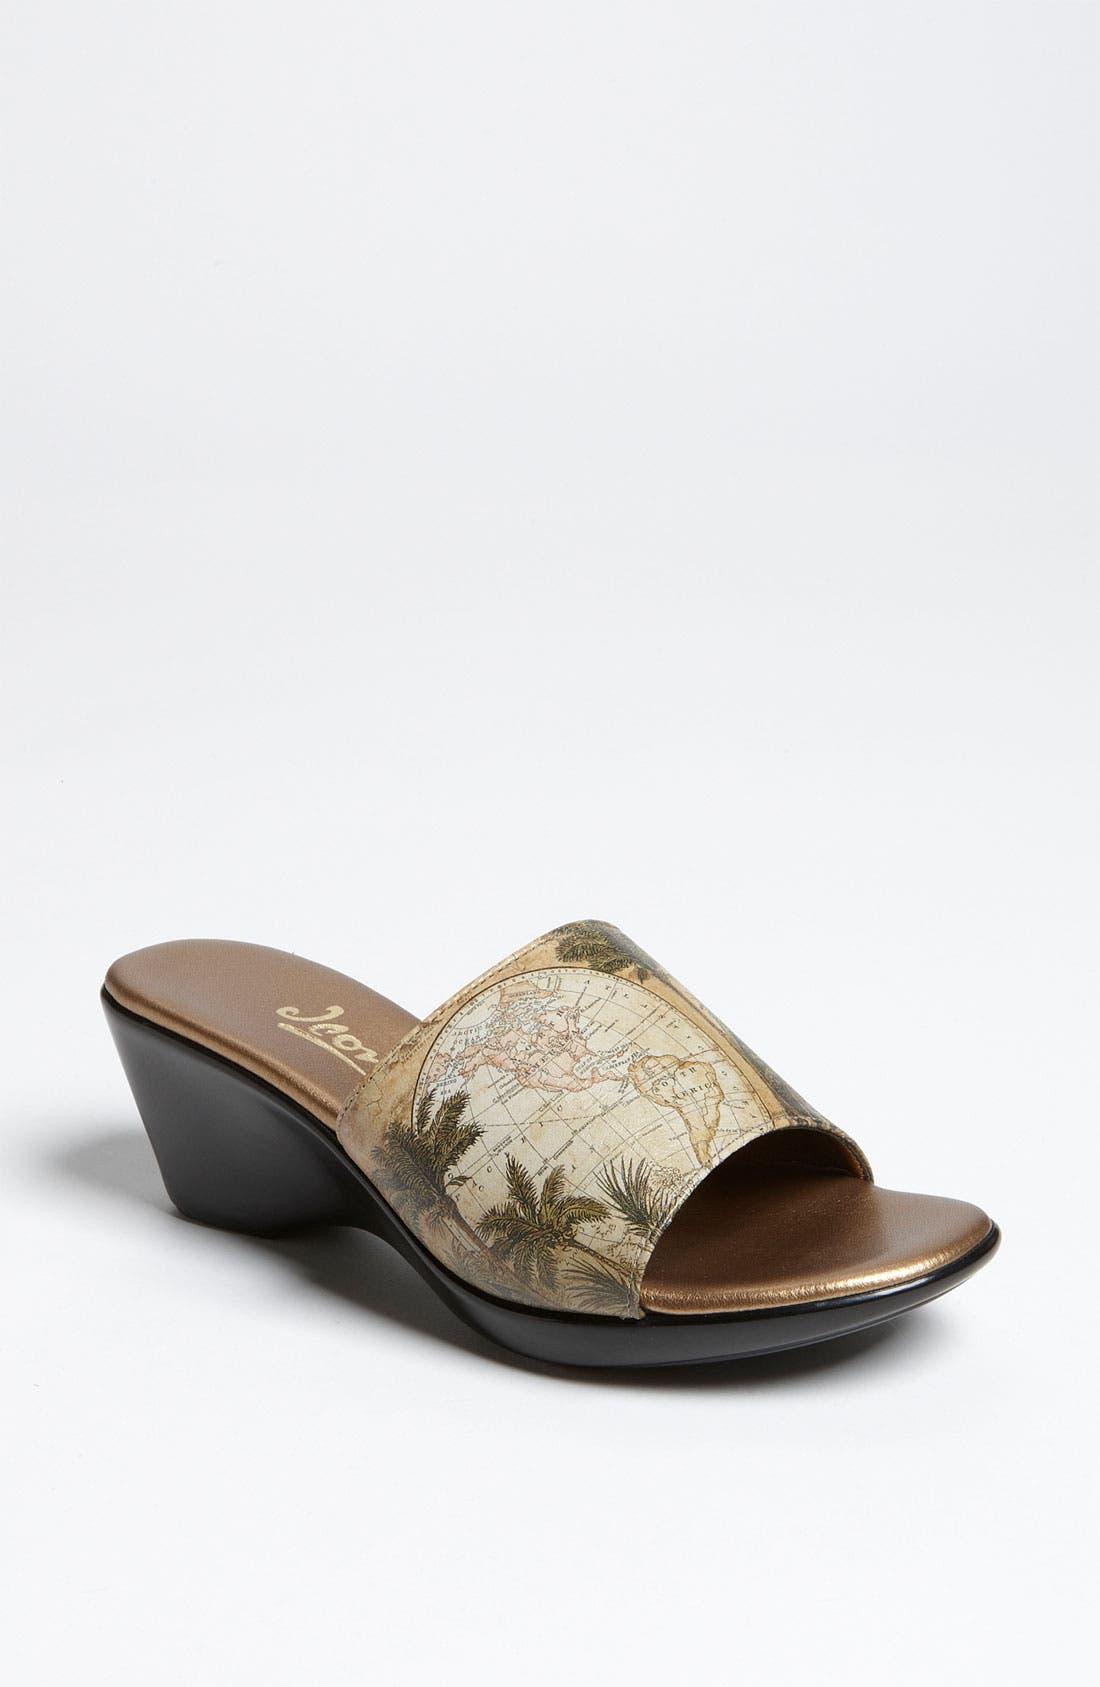 Alternate Image 1 Selected - Icon Footwear 'Global Safari' Sandal